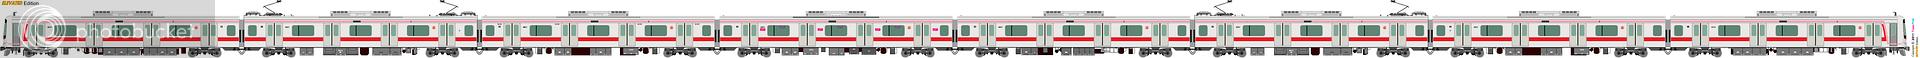 [5353] 東急電鉄 2353